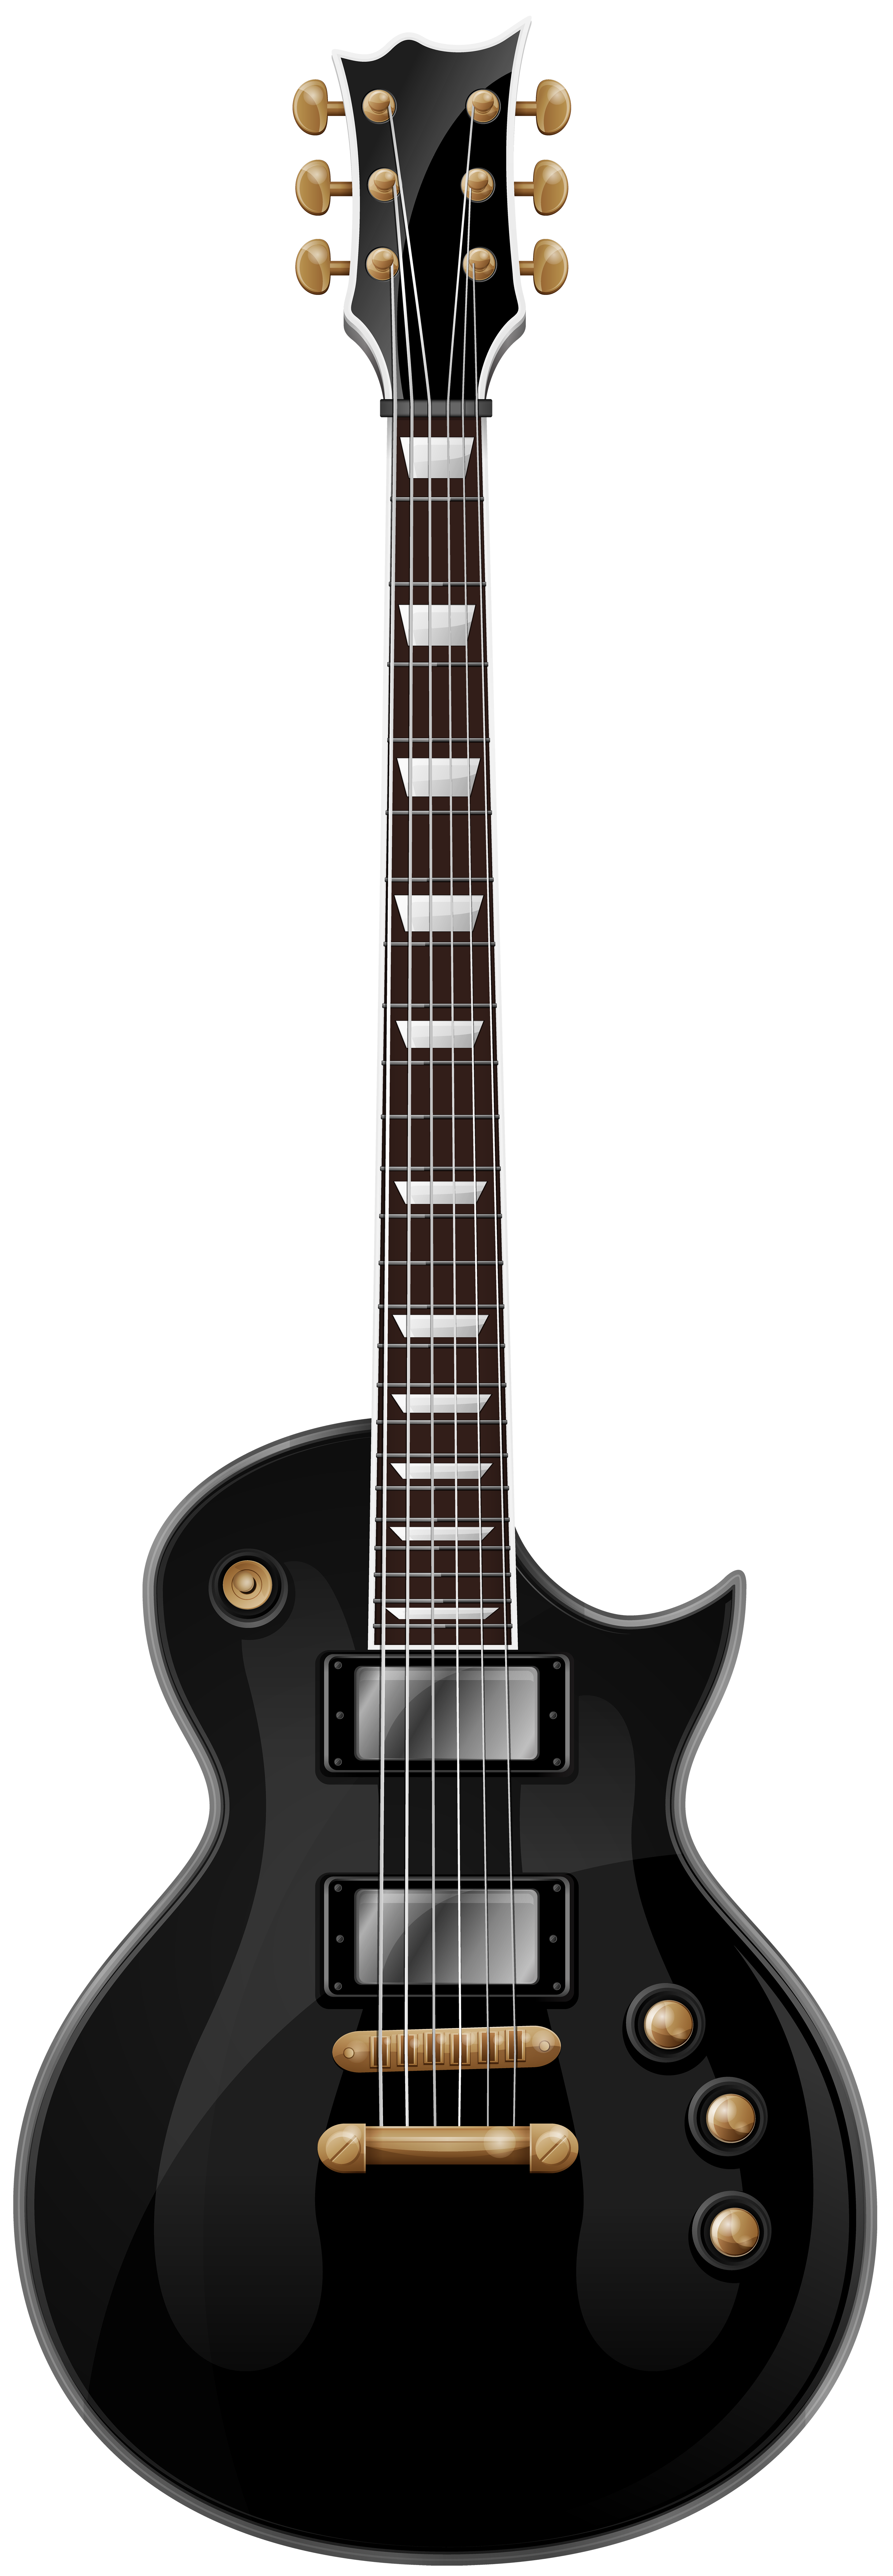 Clipart guitar jazz guitar. Esp ltd ec emg